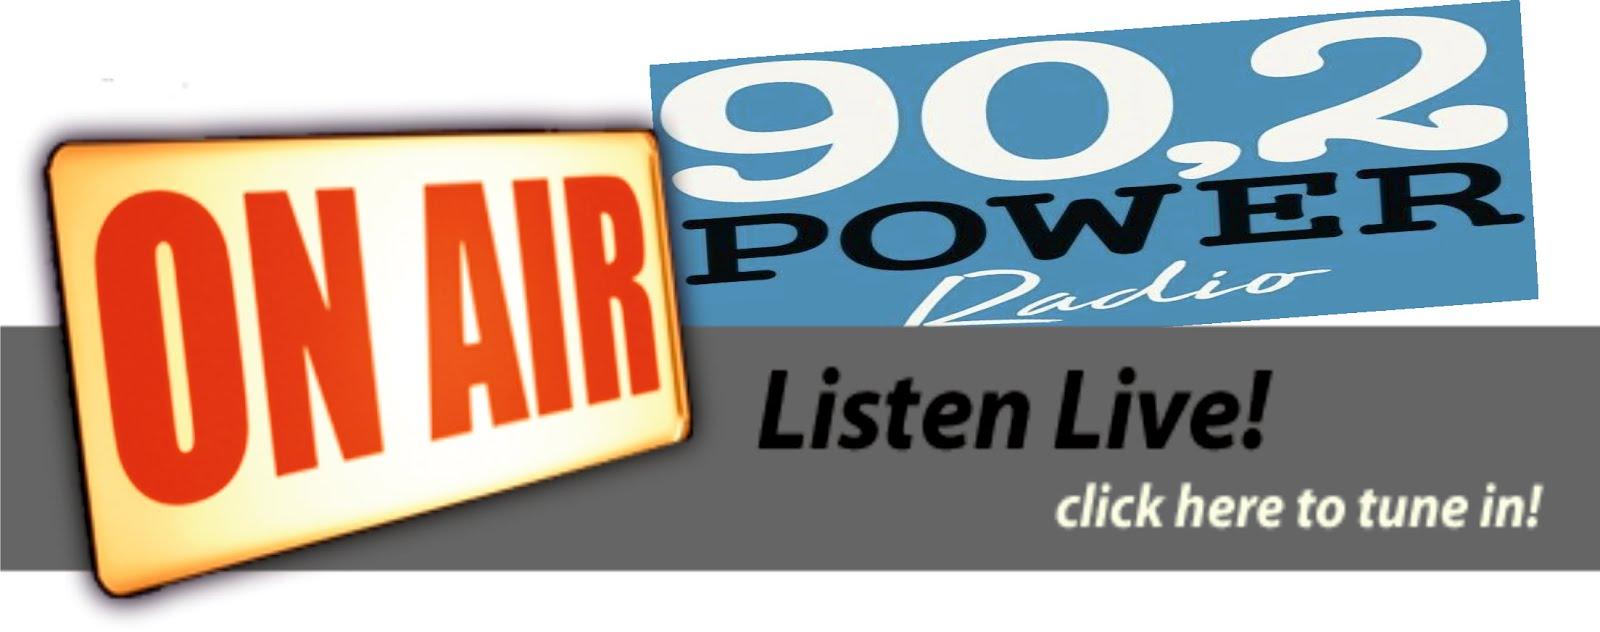 Listen Live Power 902 Το Δυνατό Ραδιόφωνο Της Πόλης